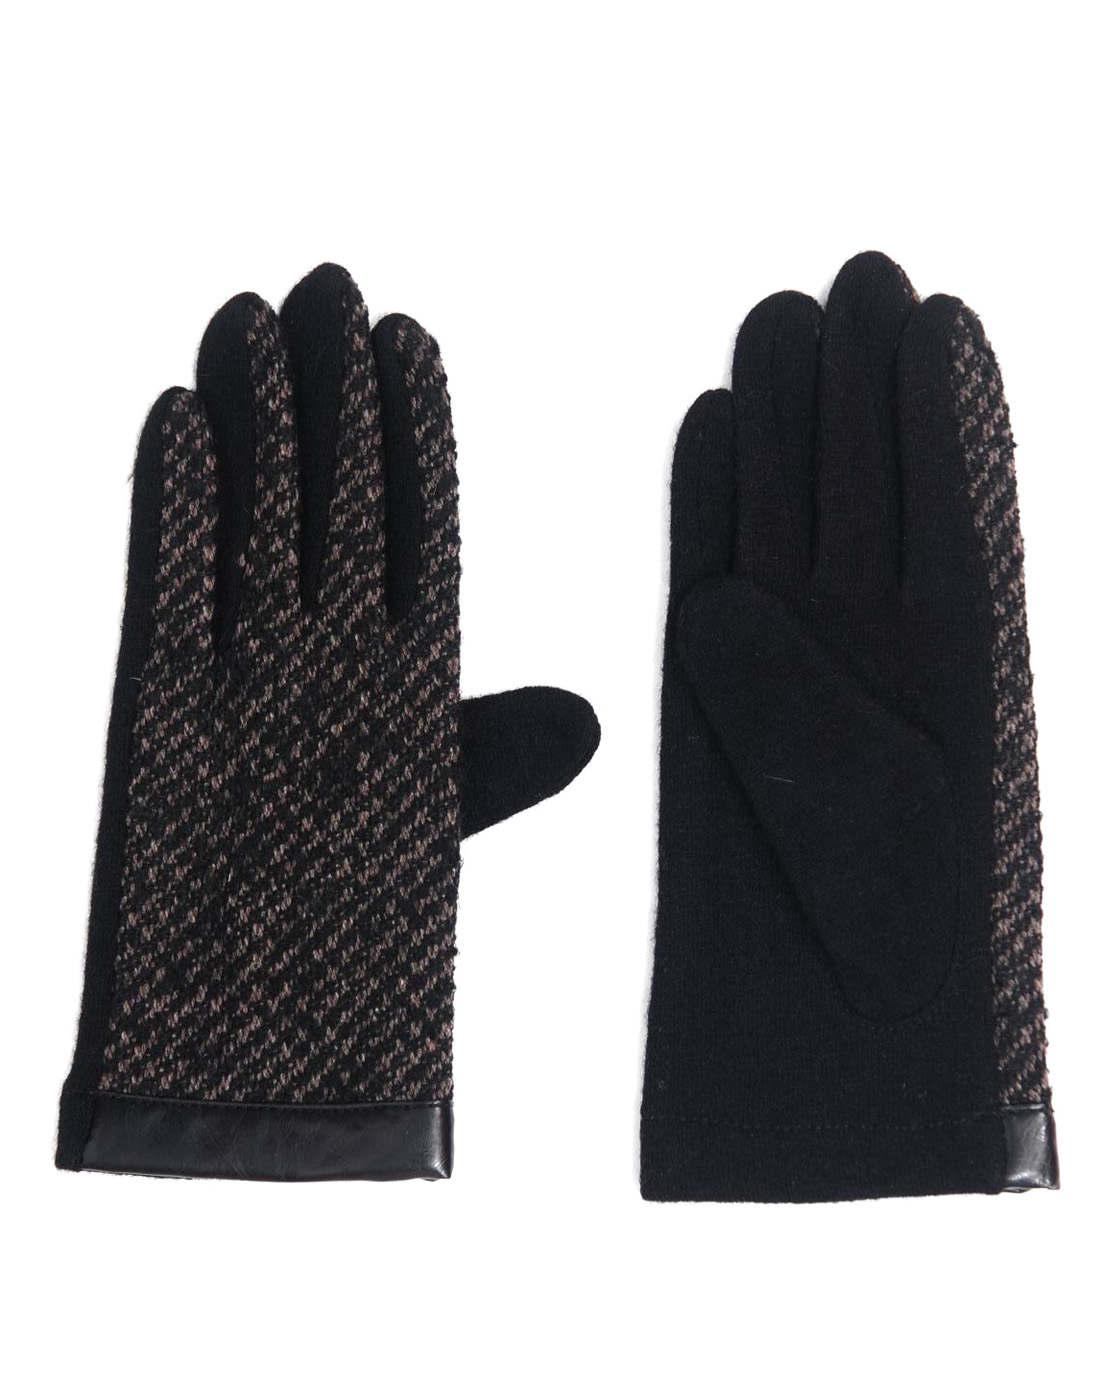 男款羊毛黑色/灰色编织手套